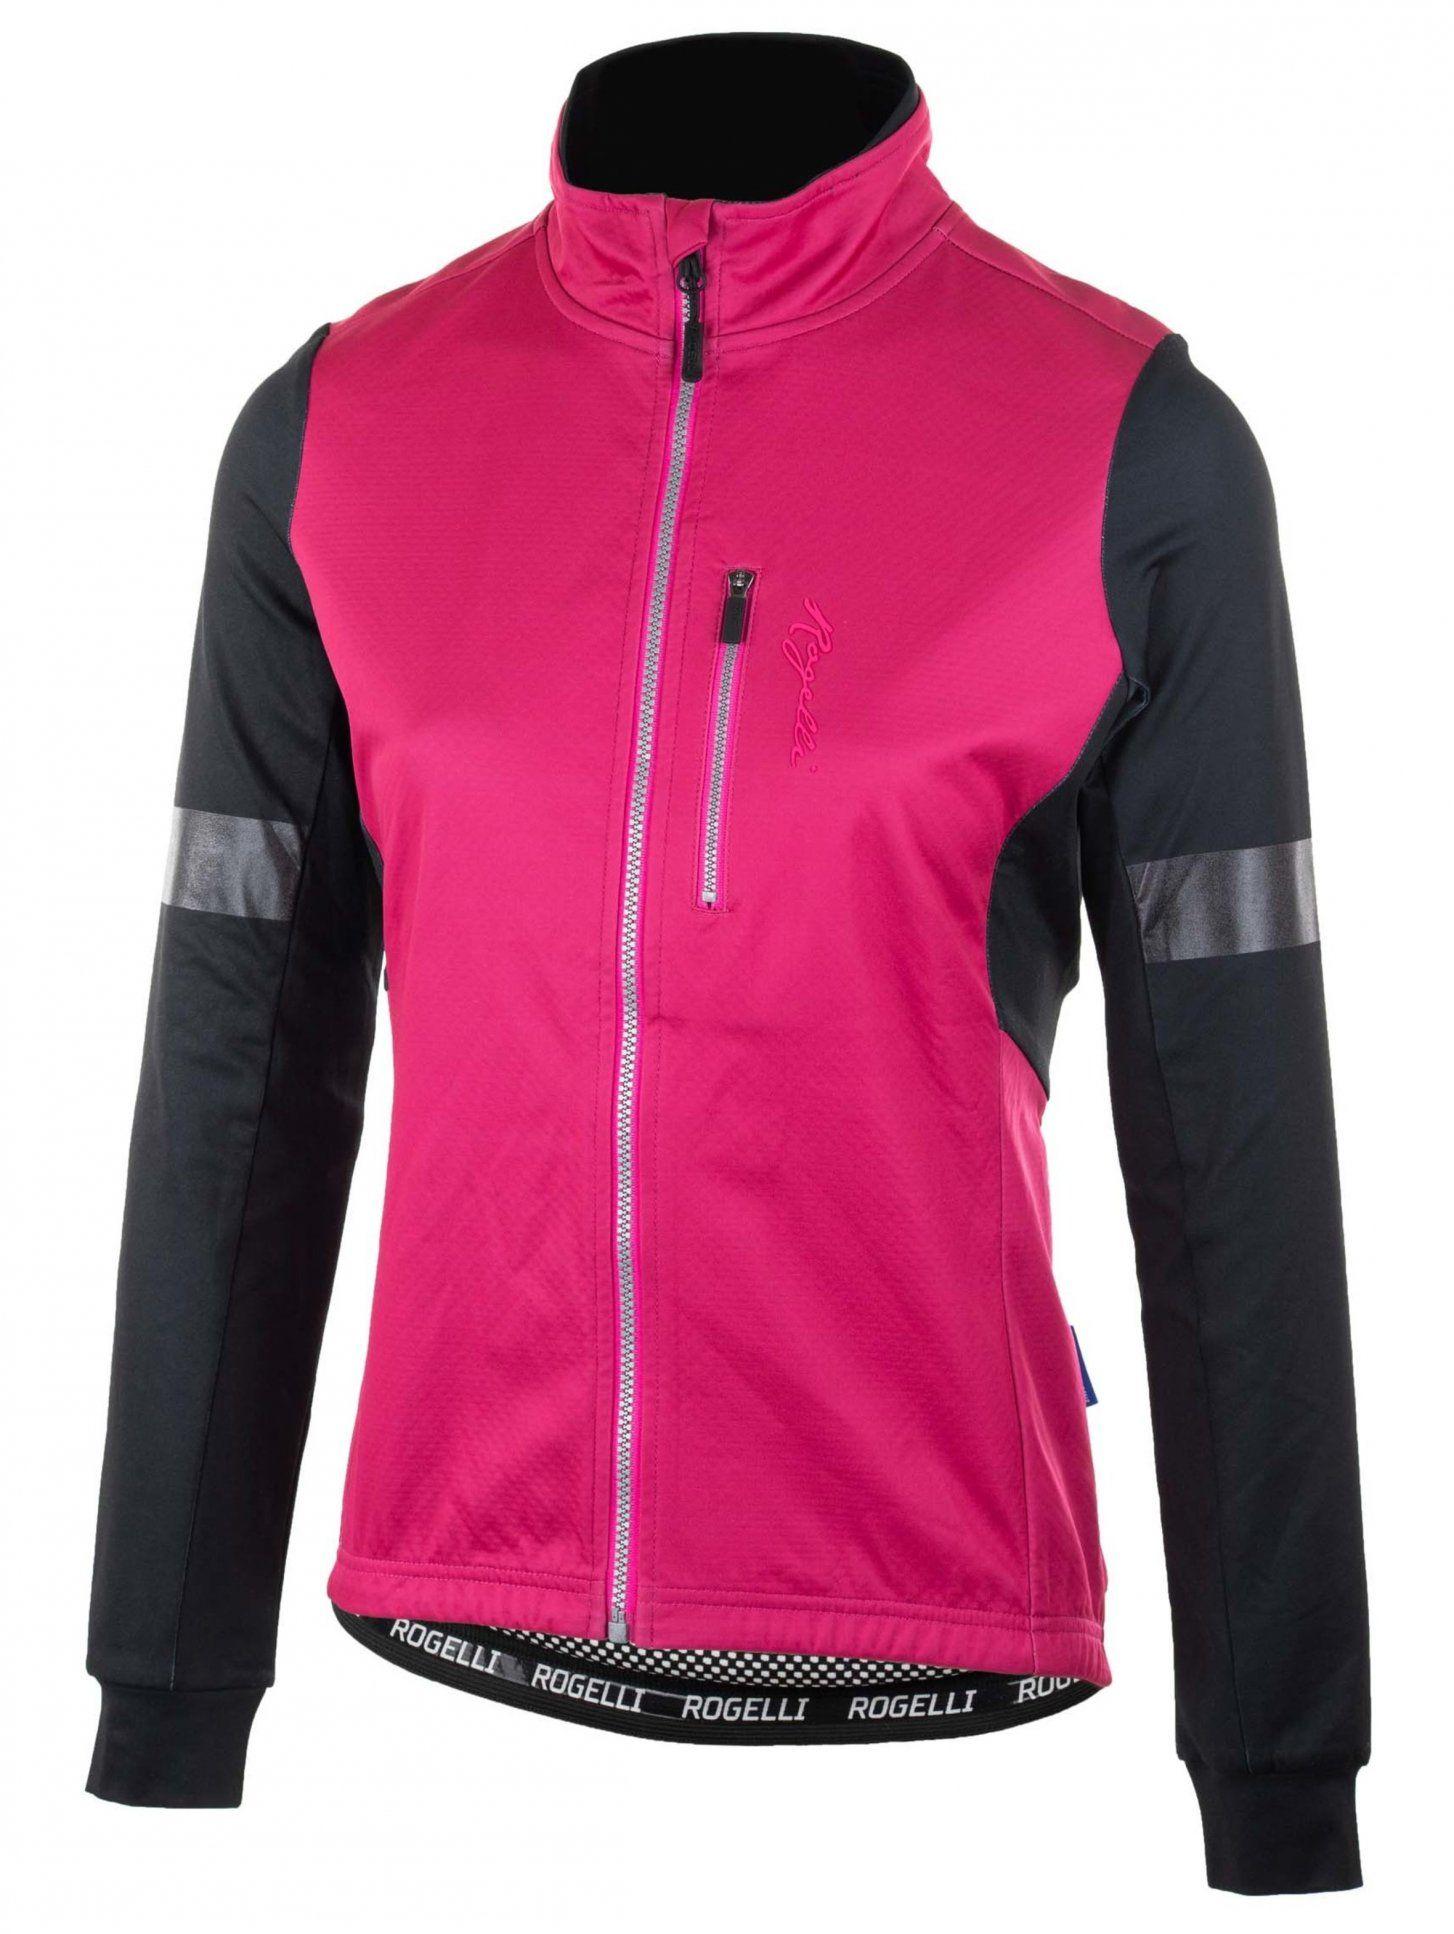 ROGELLI TRANSITION 010.315 damska kurtka rowerowa nieocieplana różowa Rozmiar: S,010-315